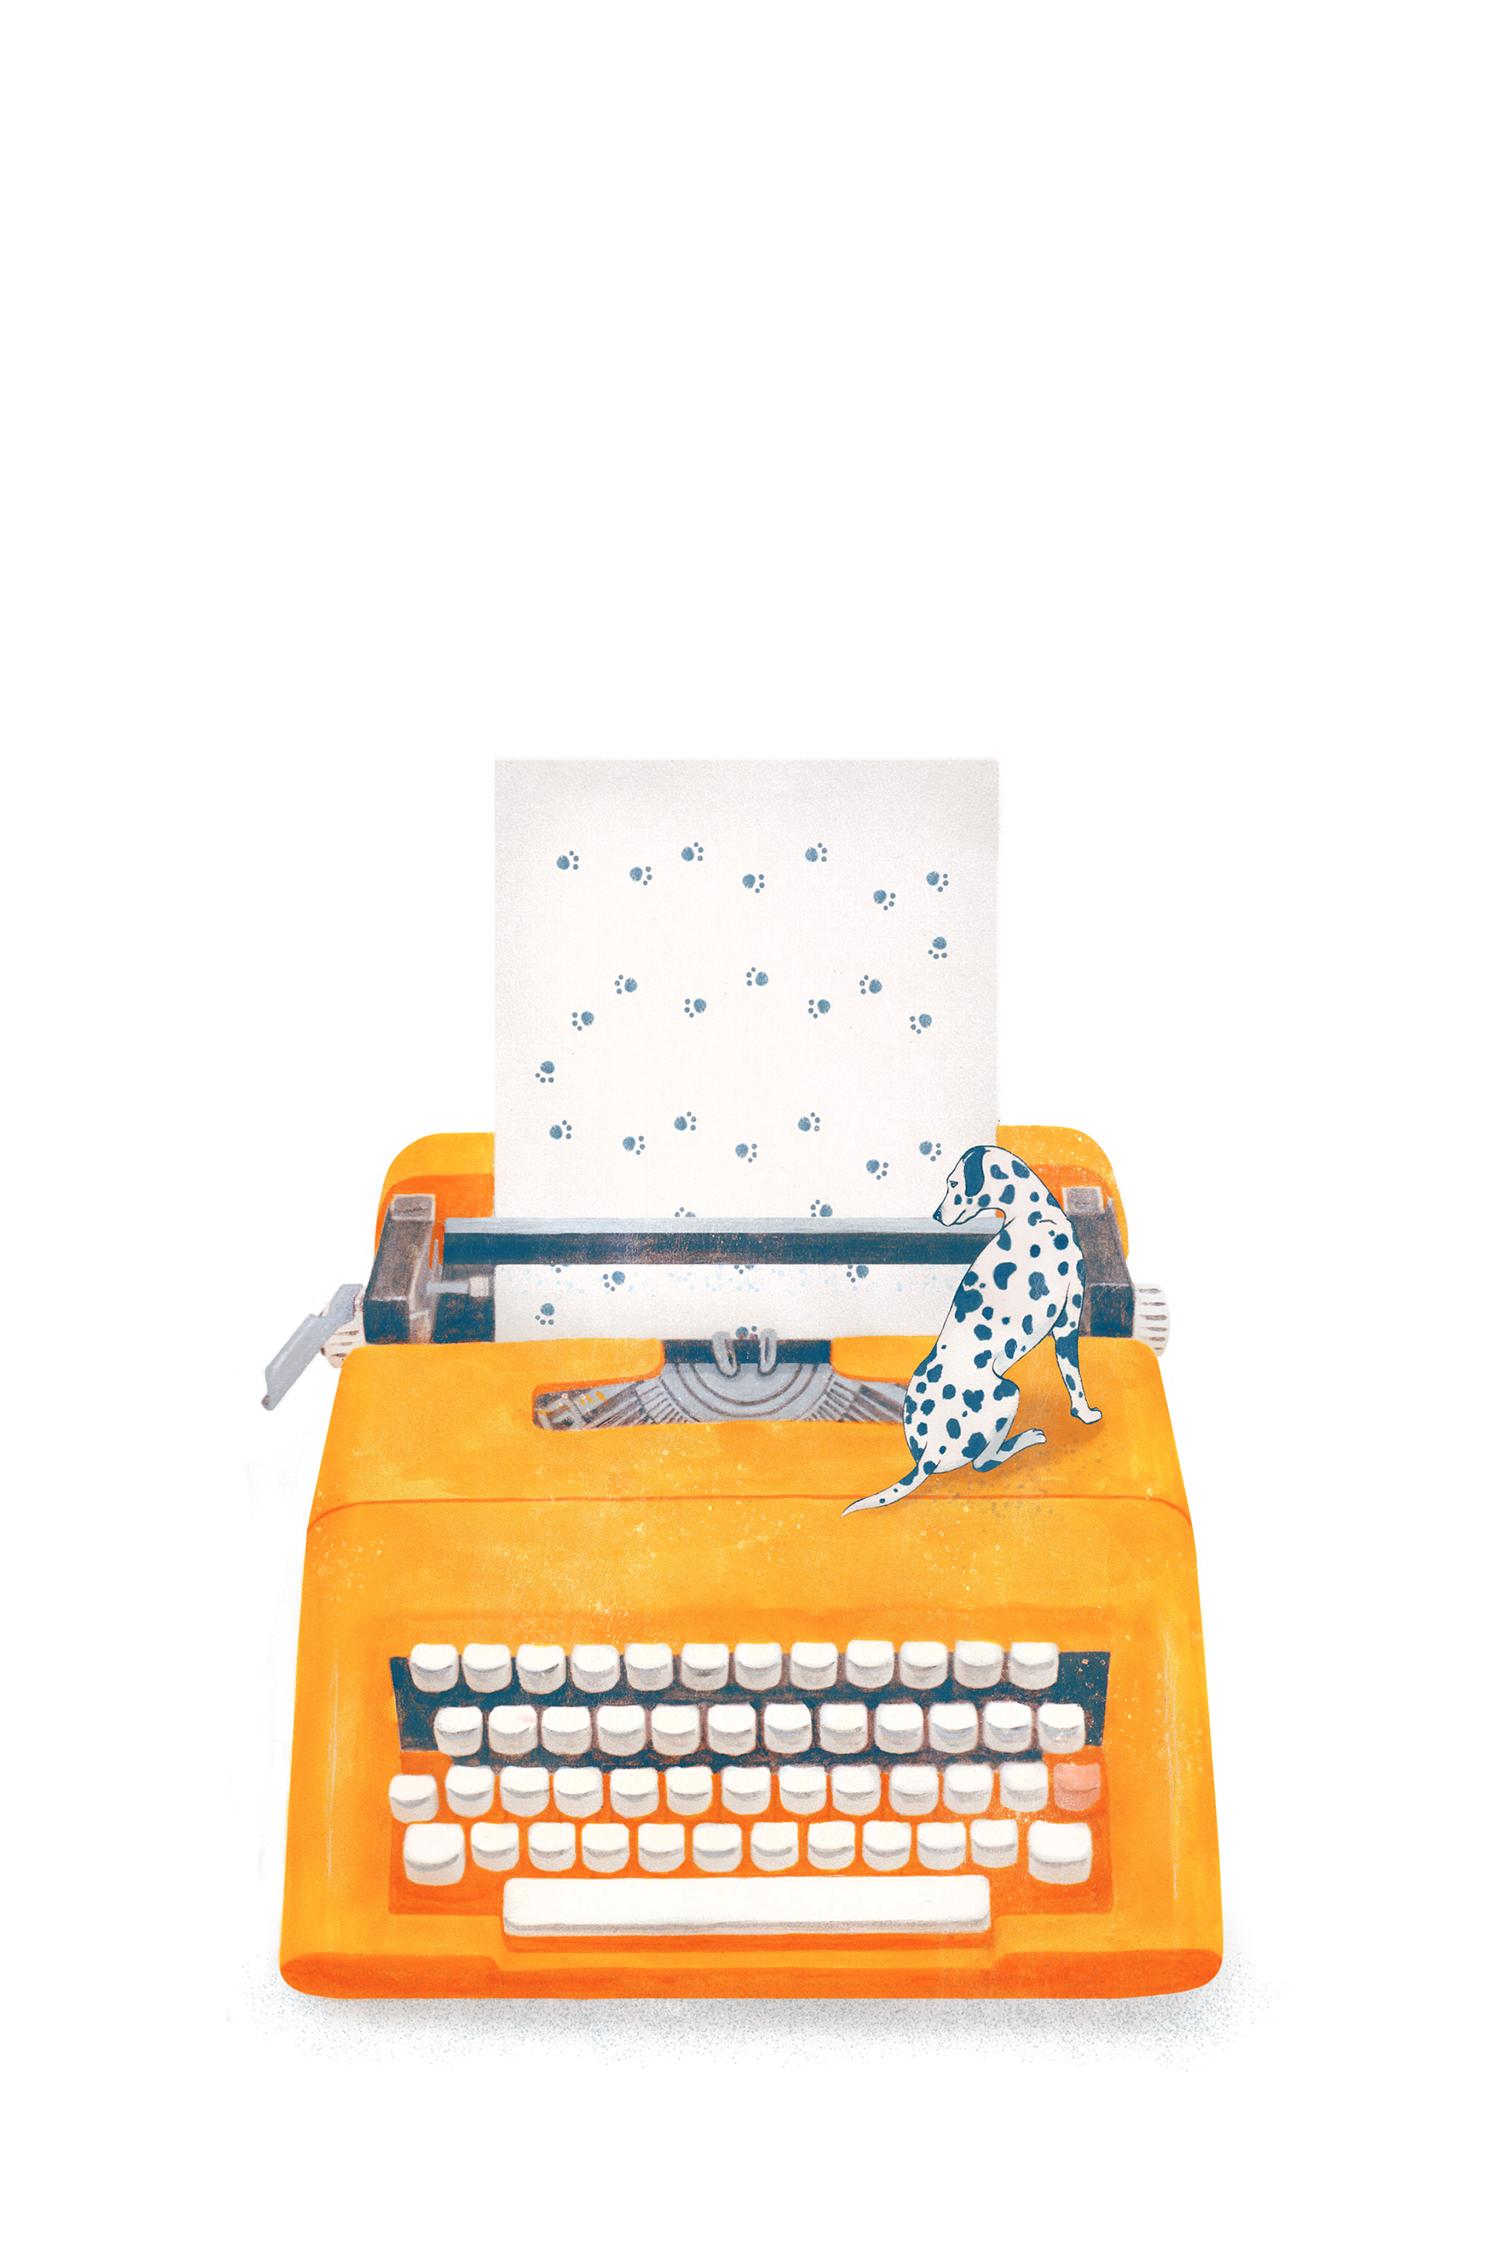 writingmachine